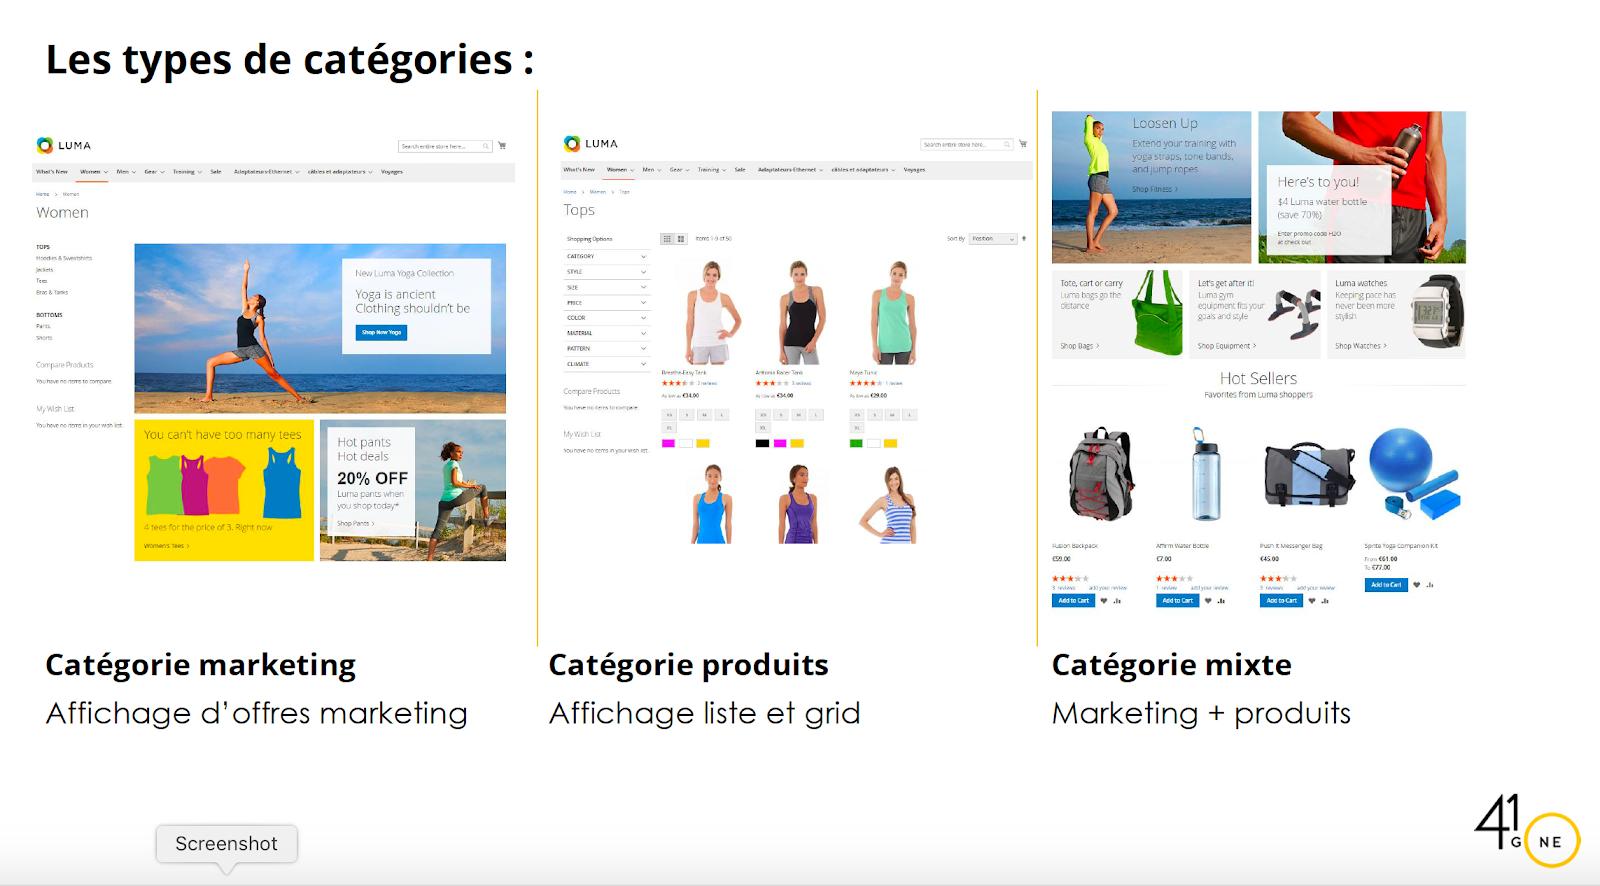 types de catégories Magento